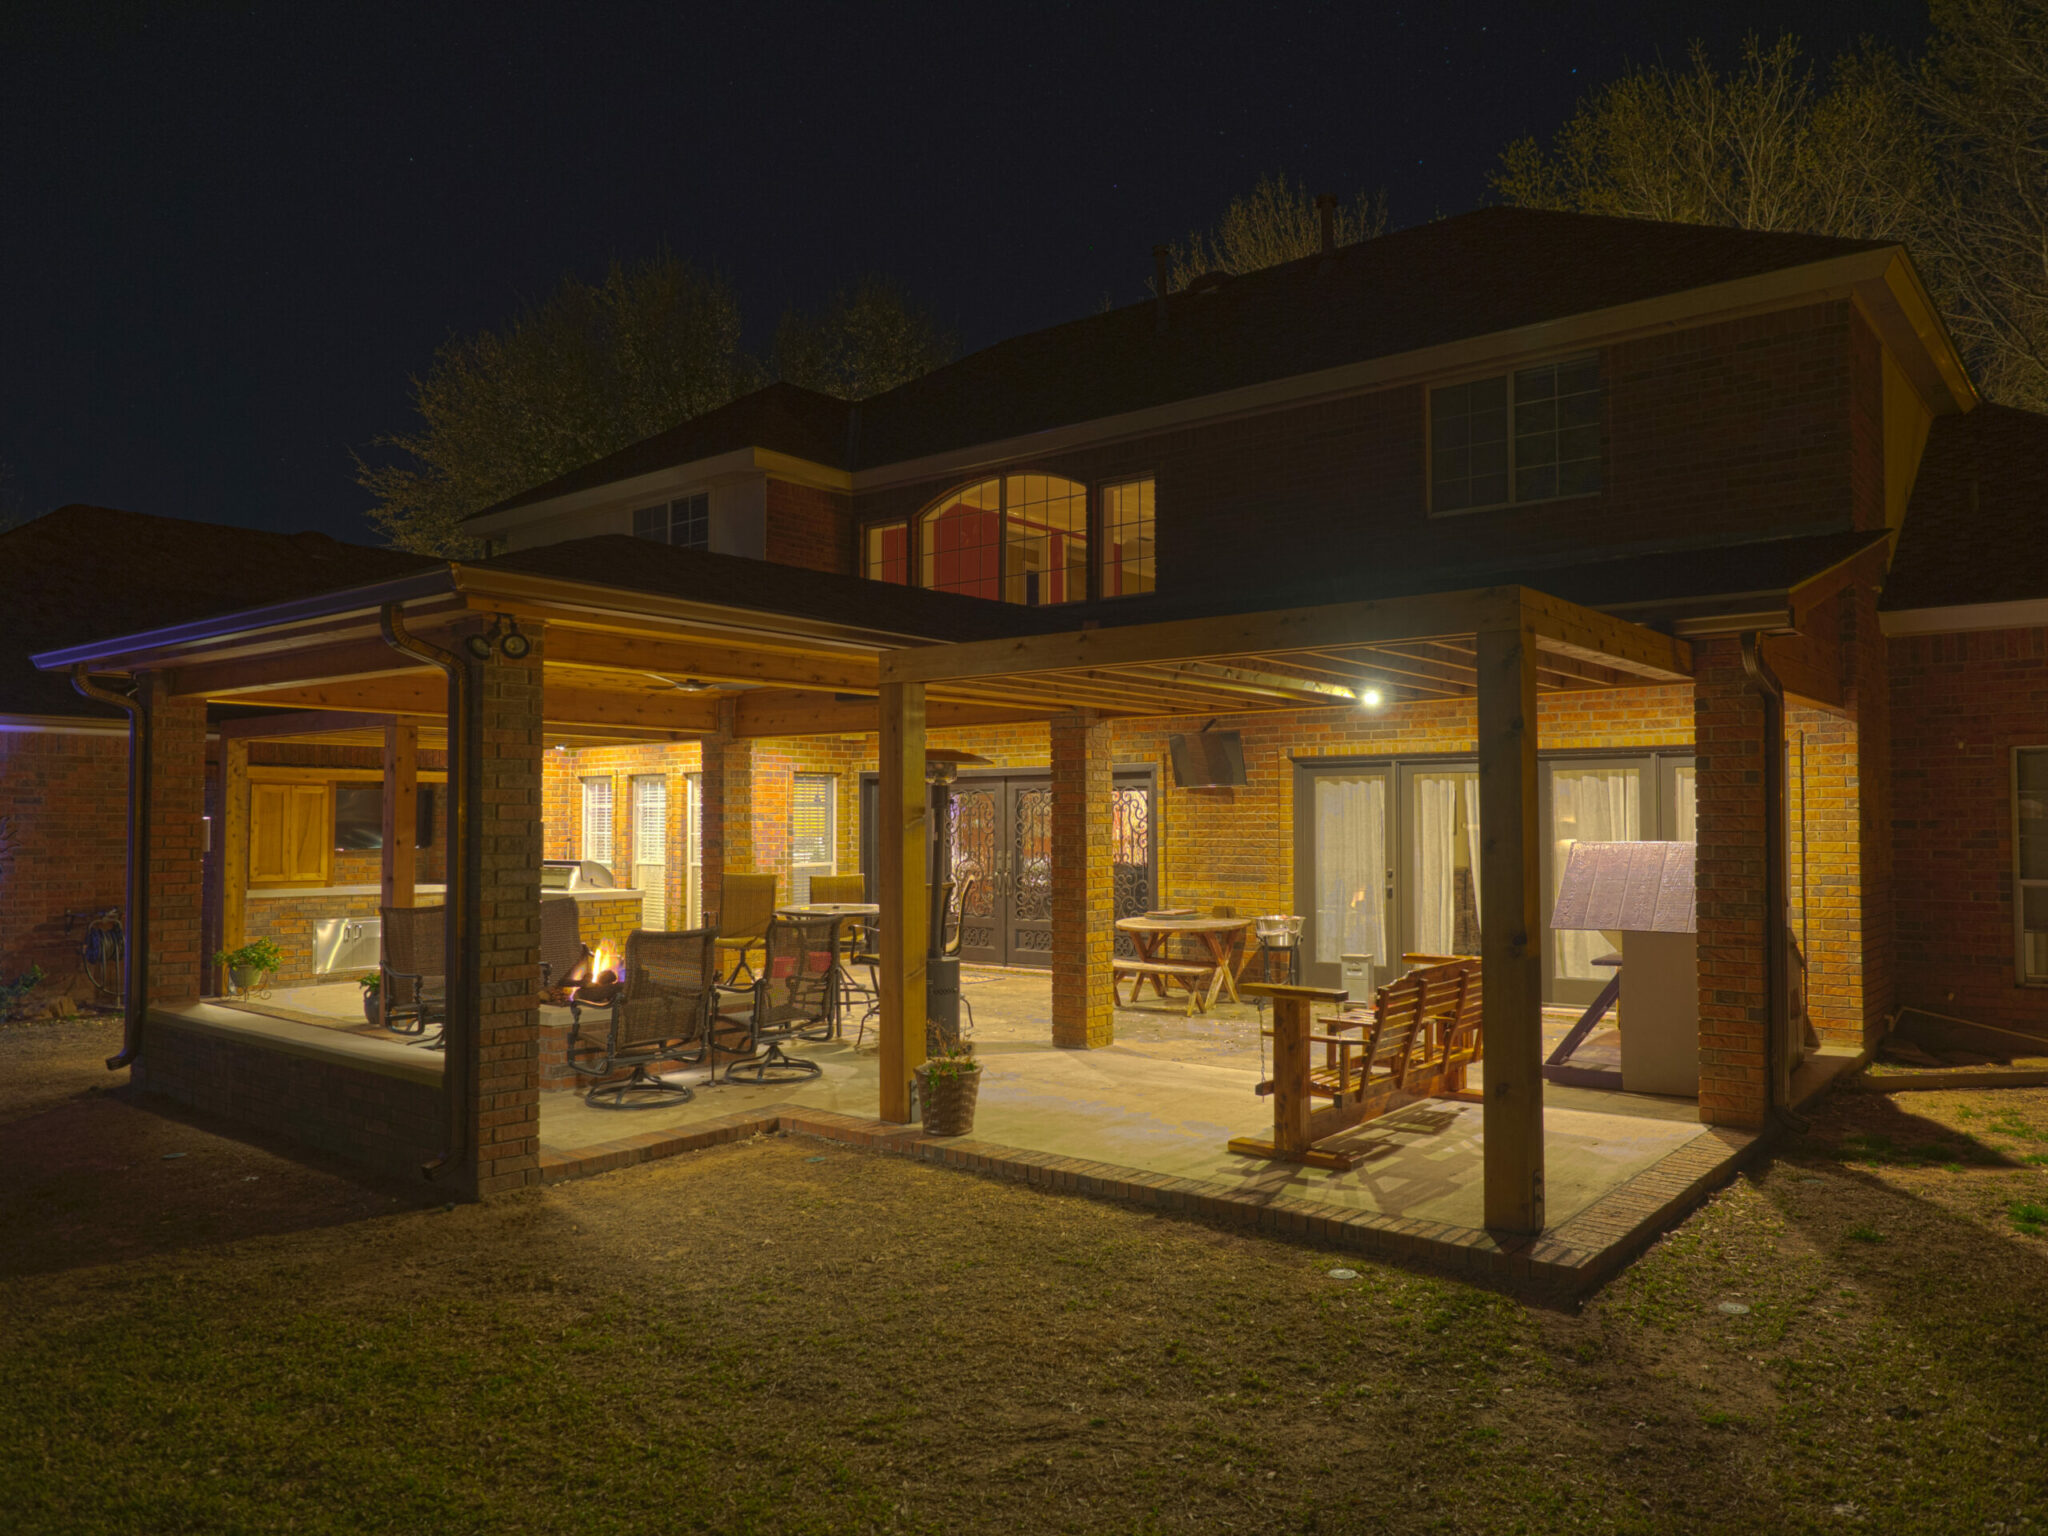 Lone Star Electric, 2418 Whispering Oaks, Abilene TX